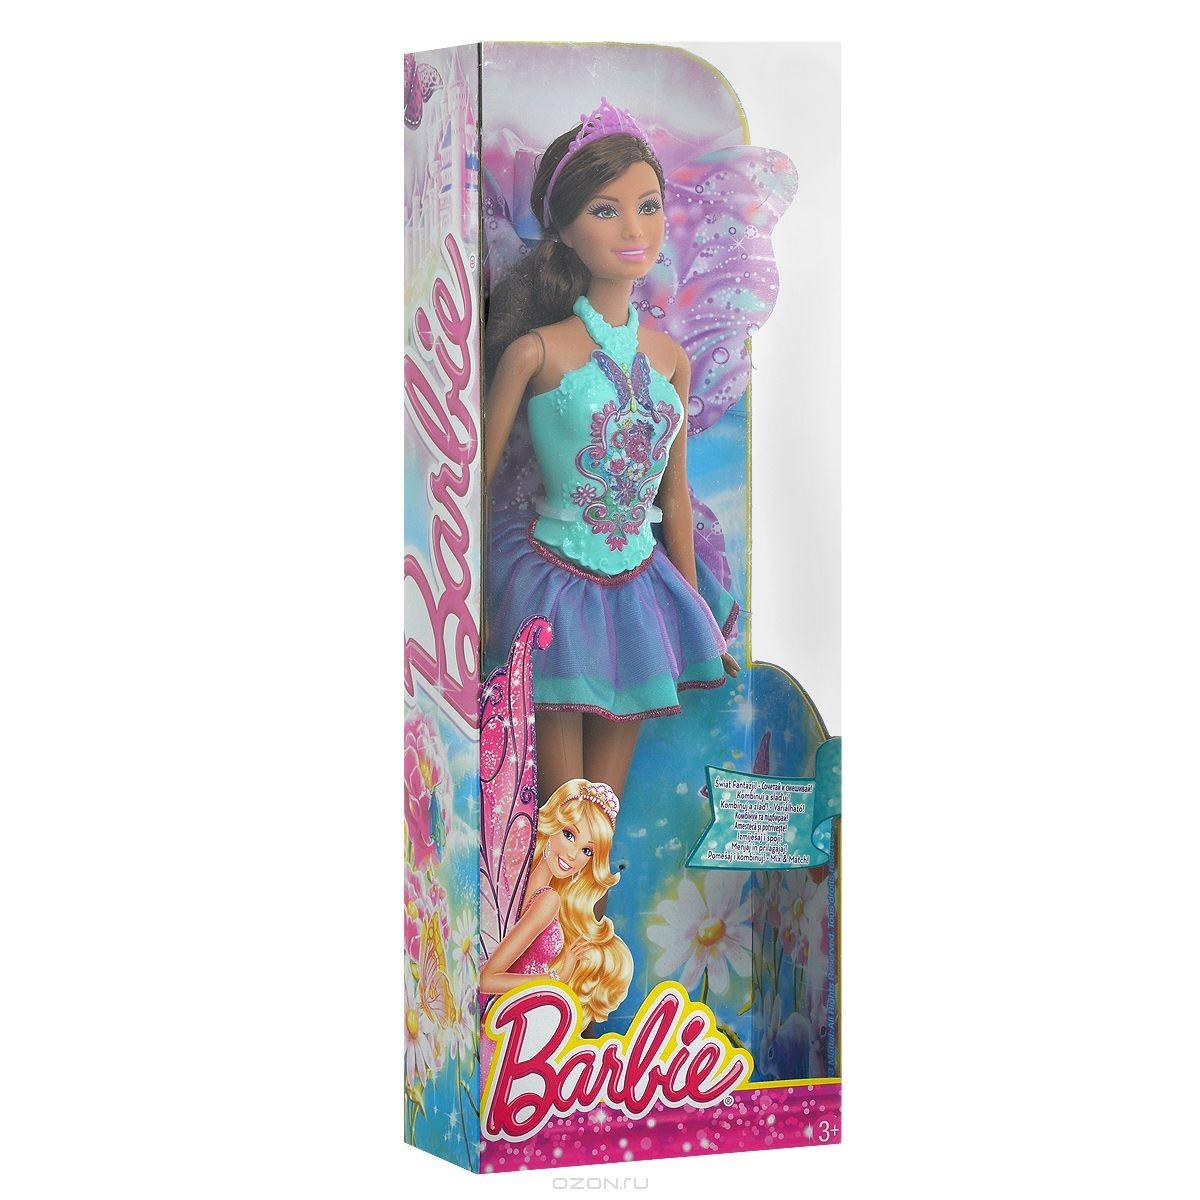 Кукла Barbie Фея в бирюзово-фиолетовом платье